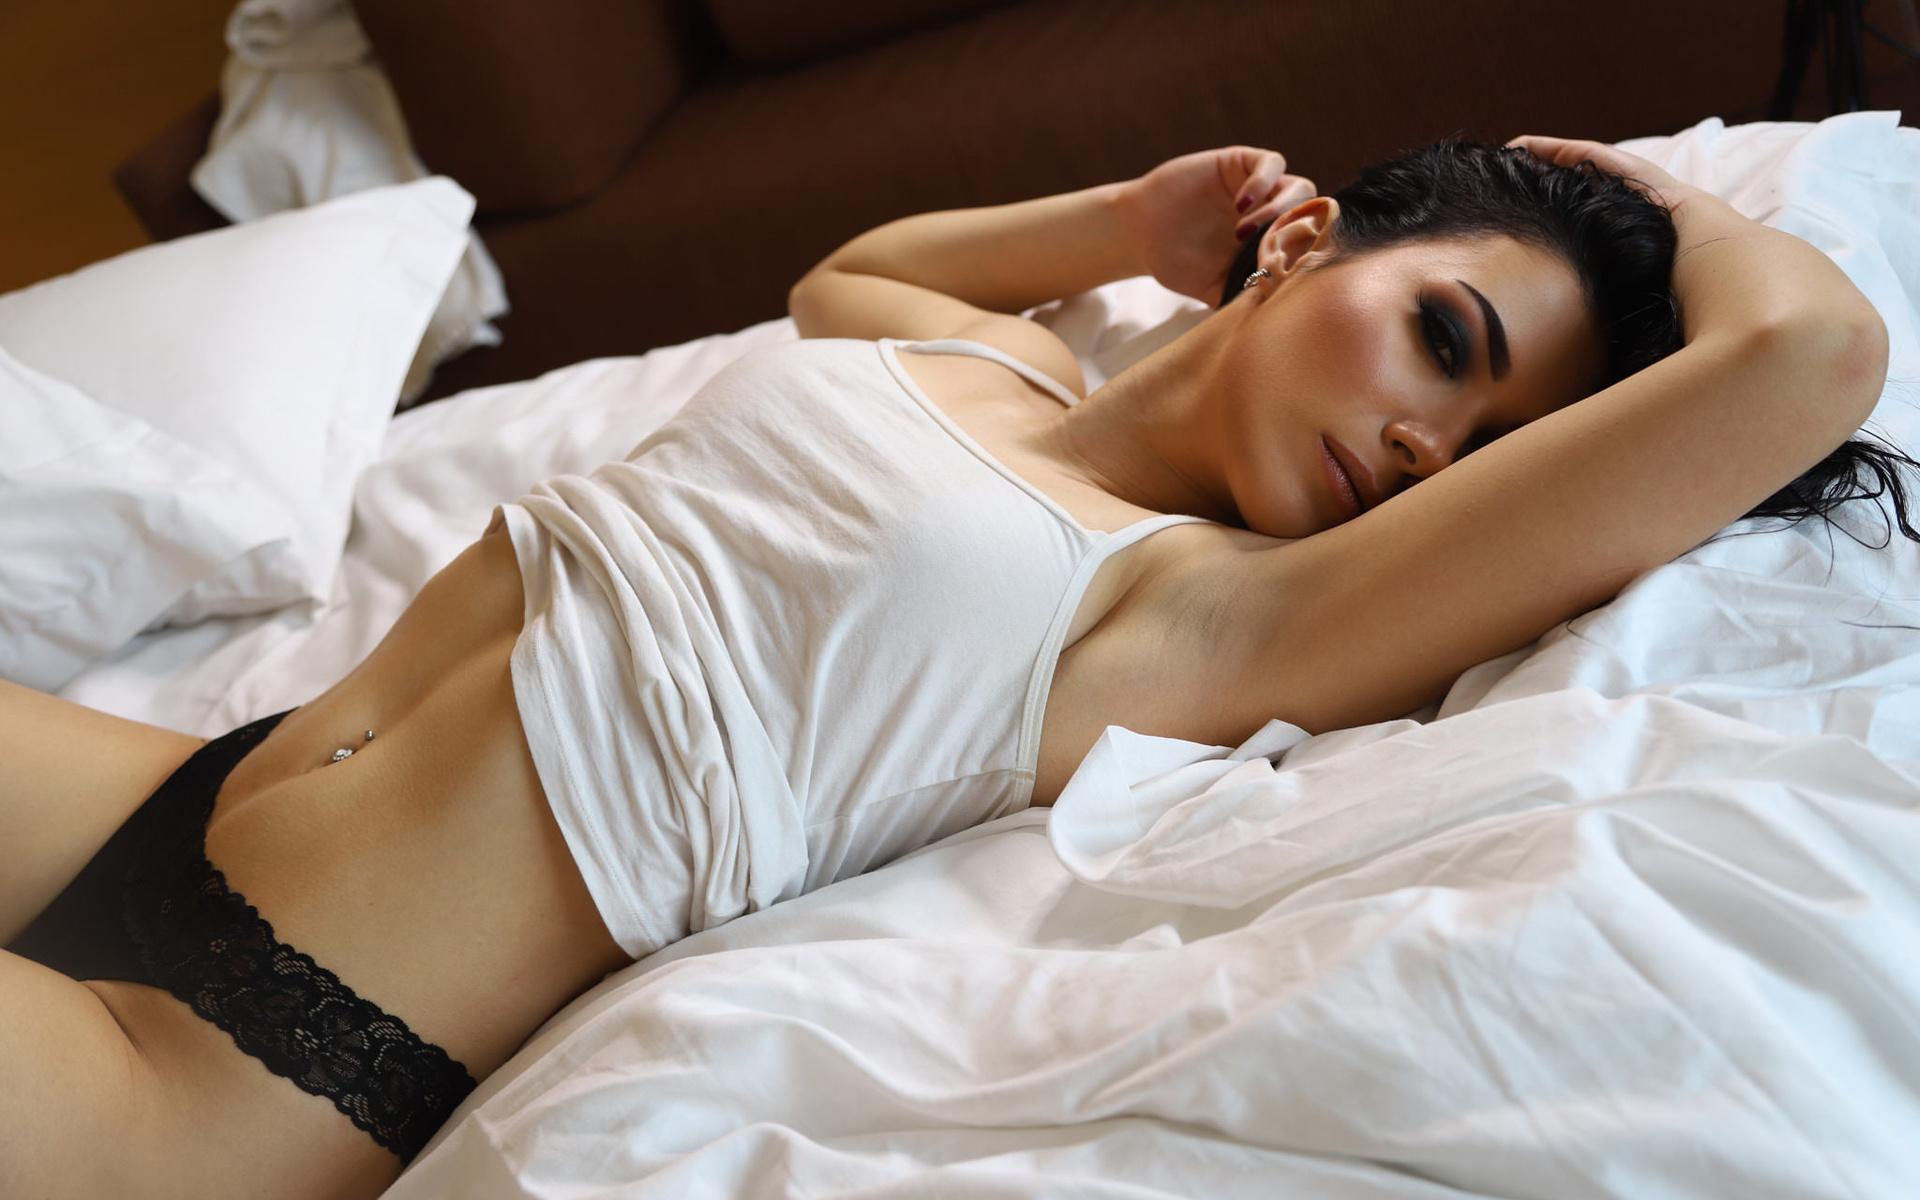 hot-girl-bedroom